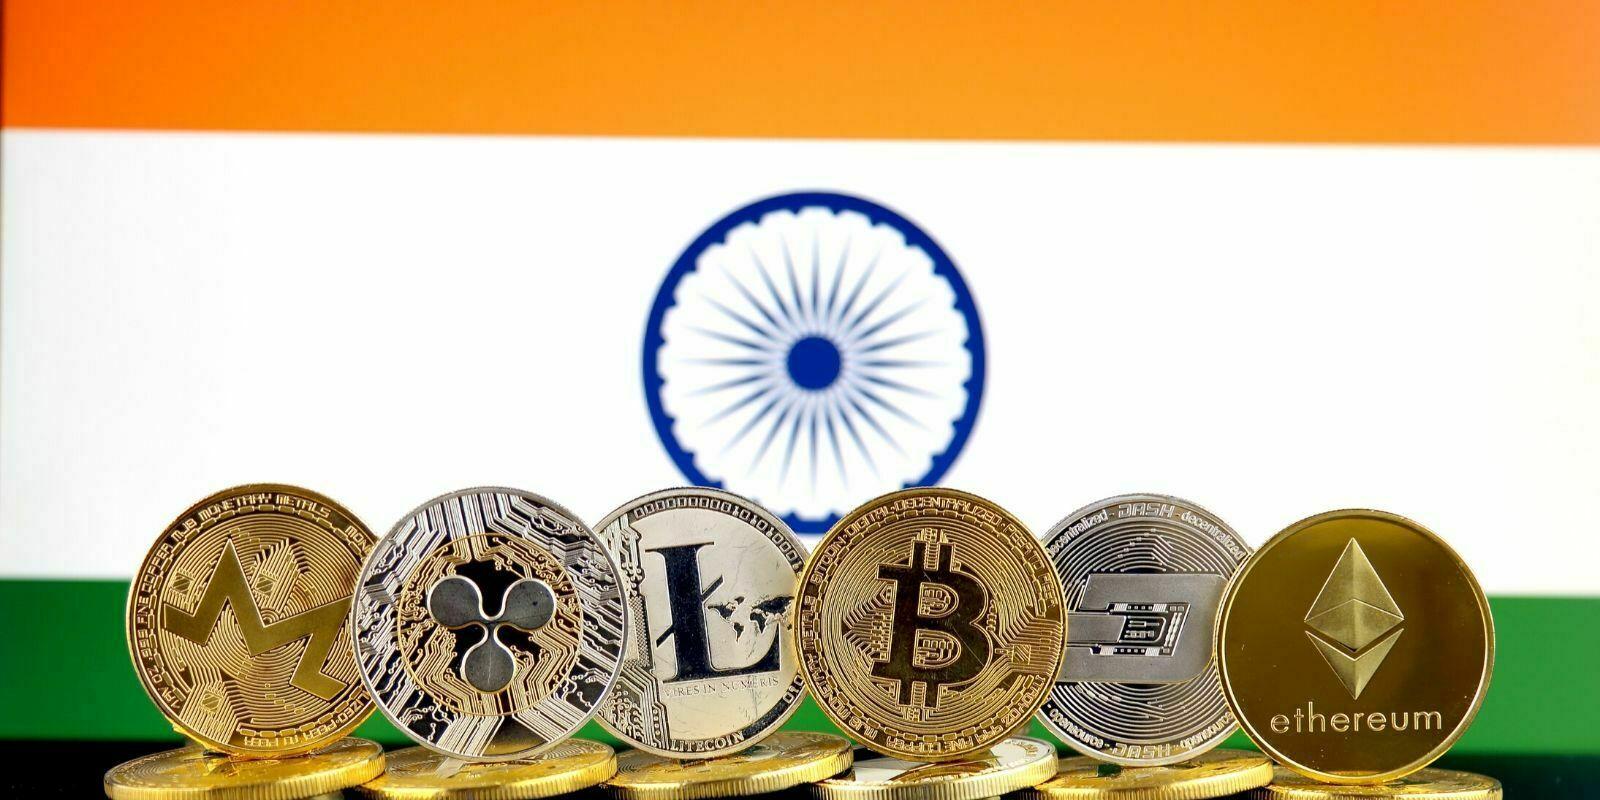 La banque centrale de l'Inde affirme que les cryptomonnaies ne sont pas interdites dans le pays